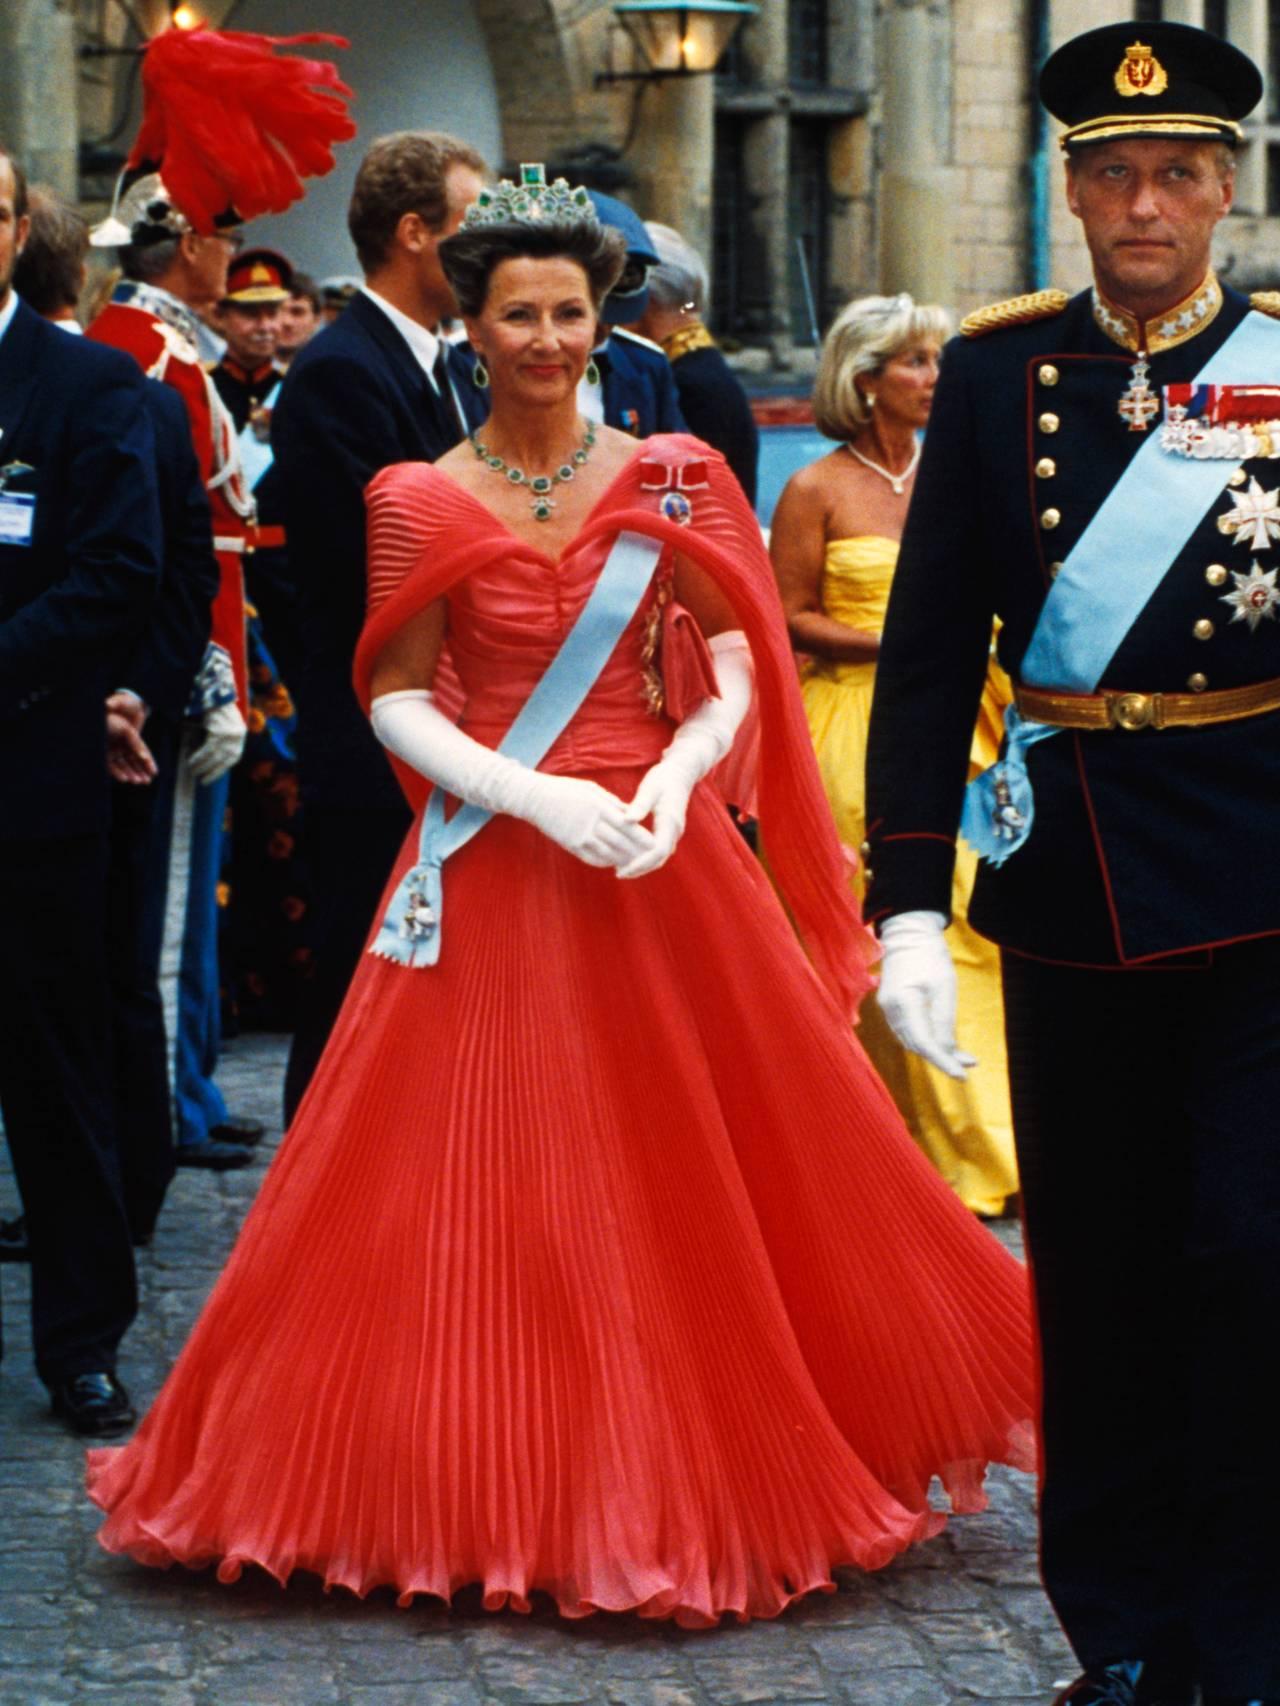 Dronning Sonja i rosa plissékjole